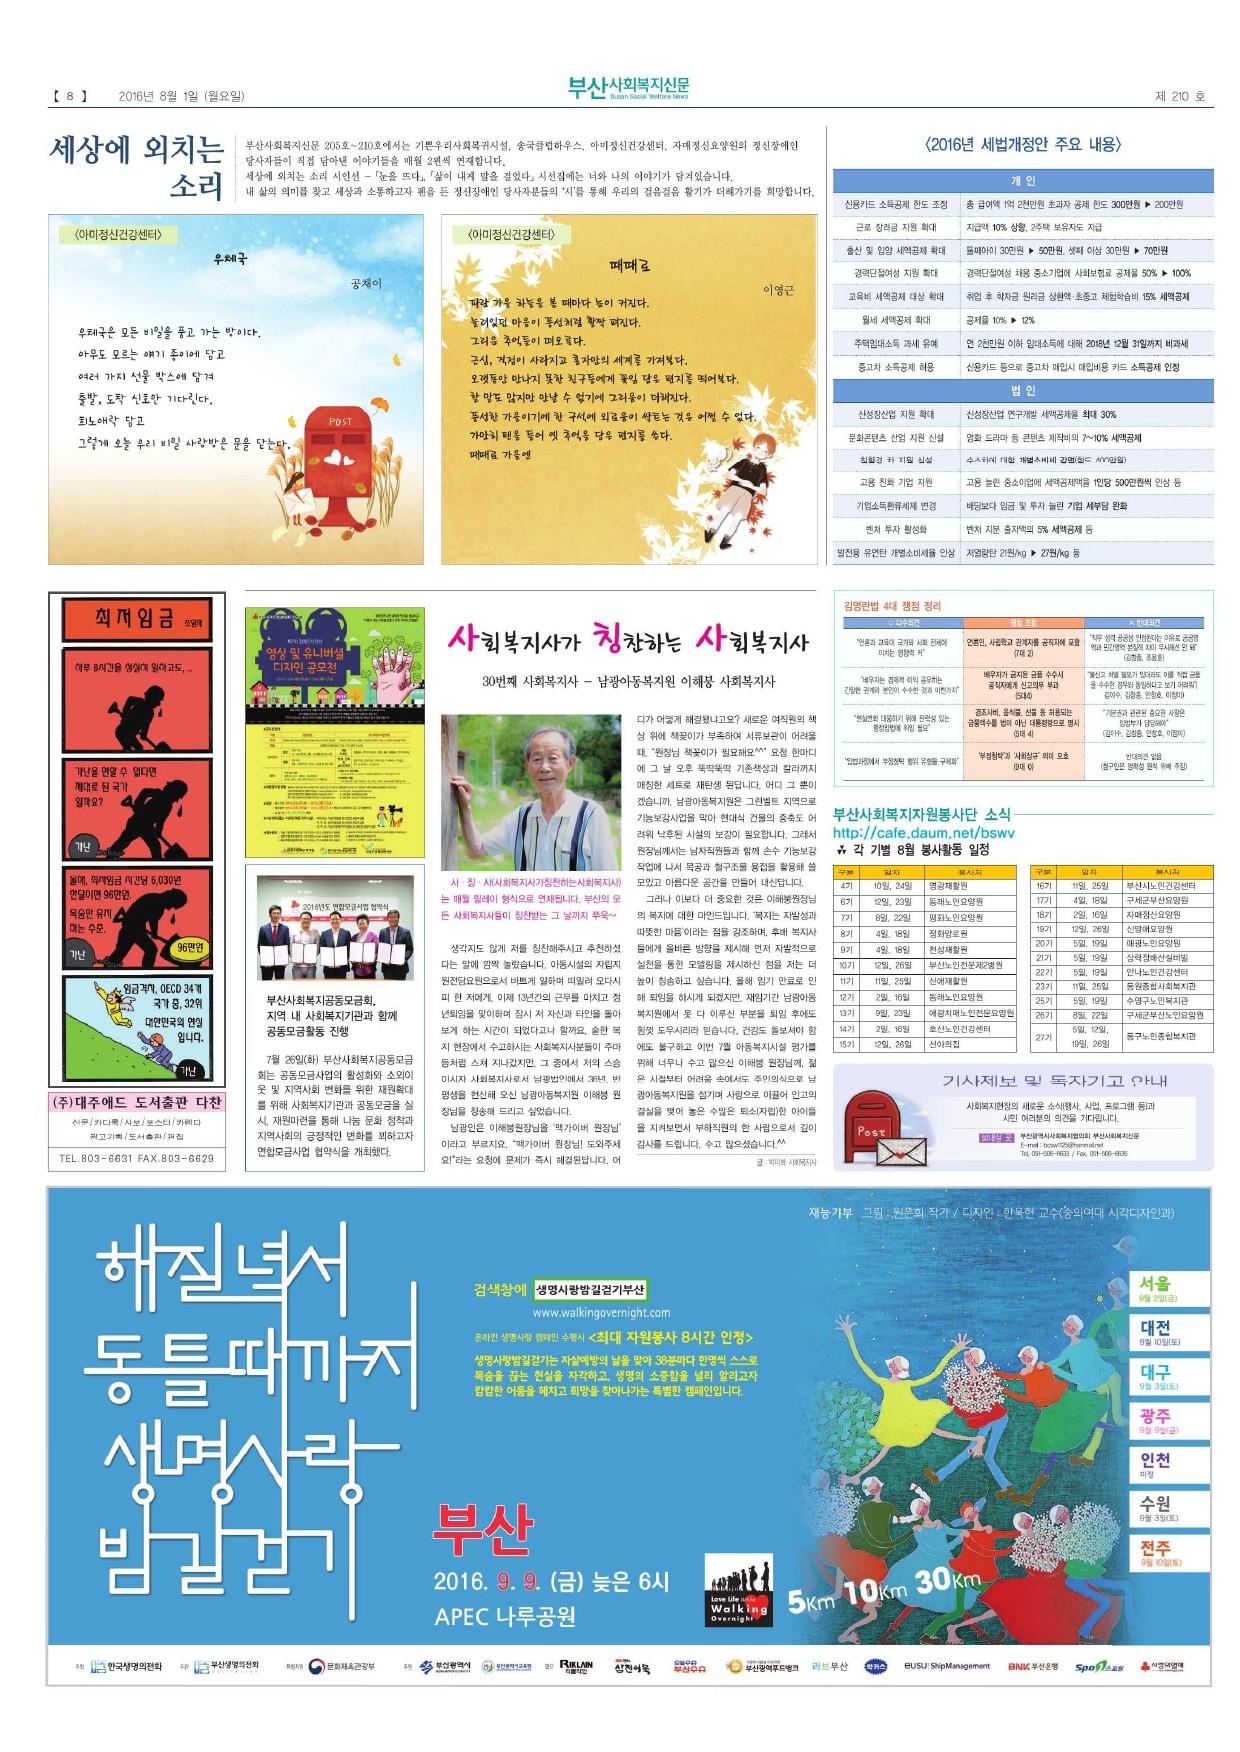 210호 신문-8.jpg